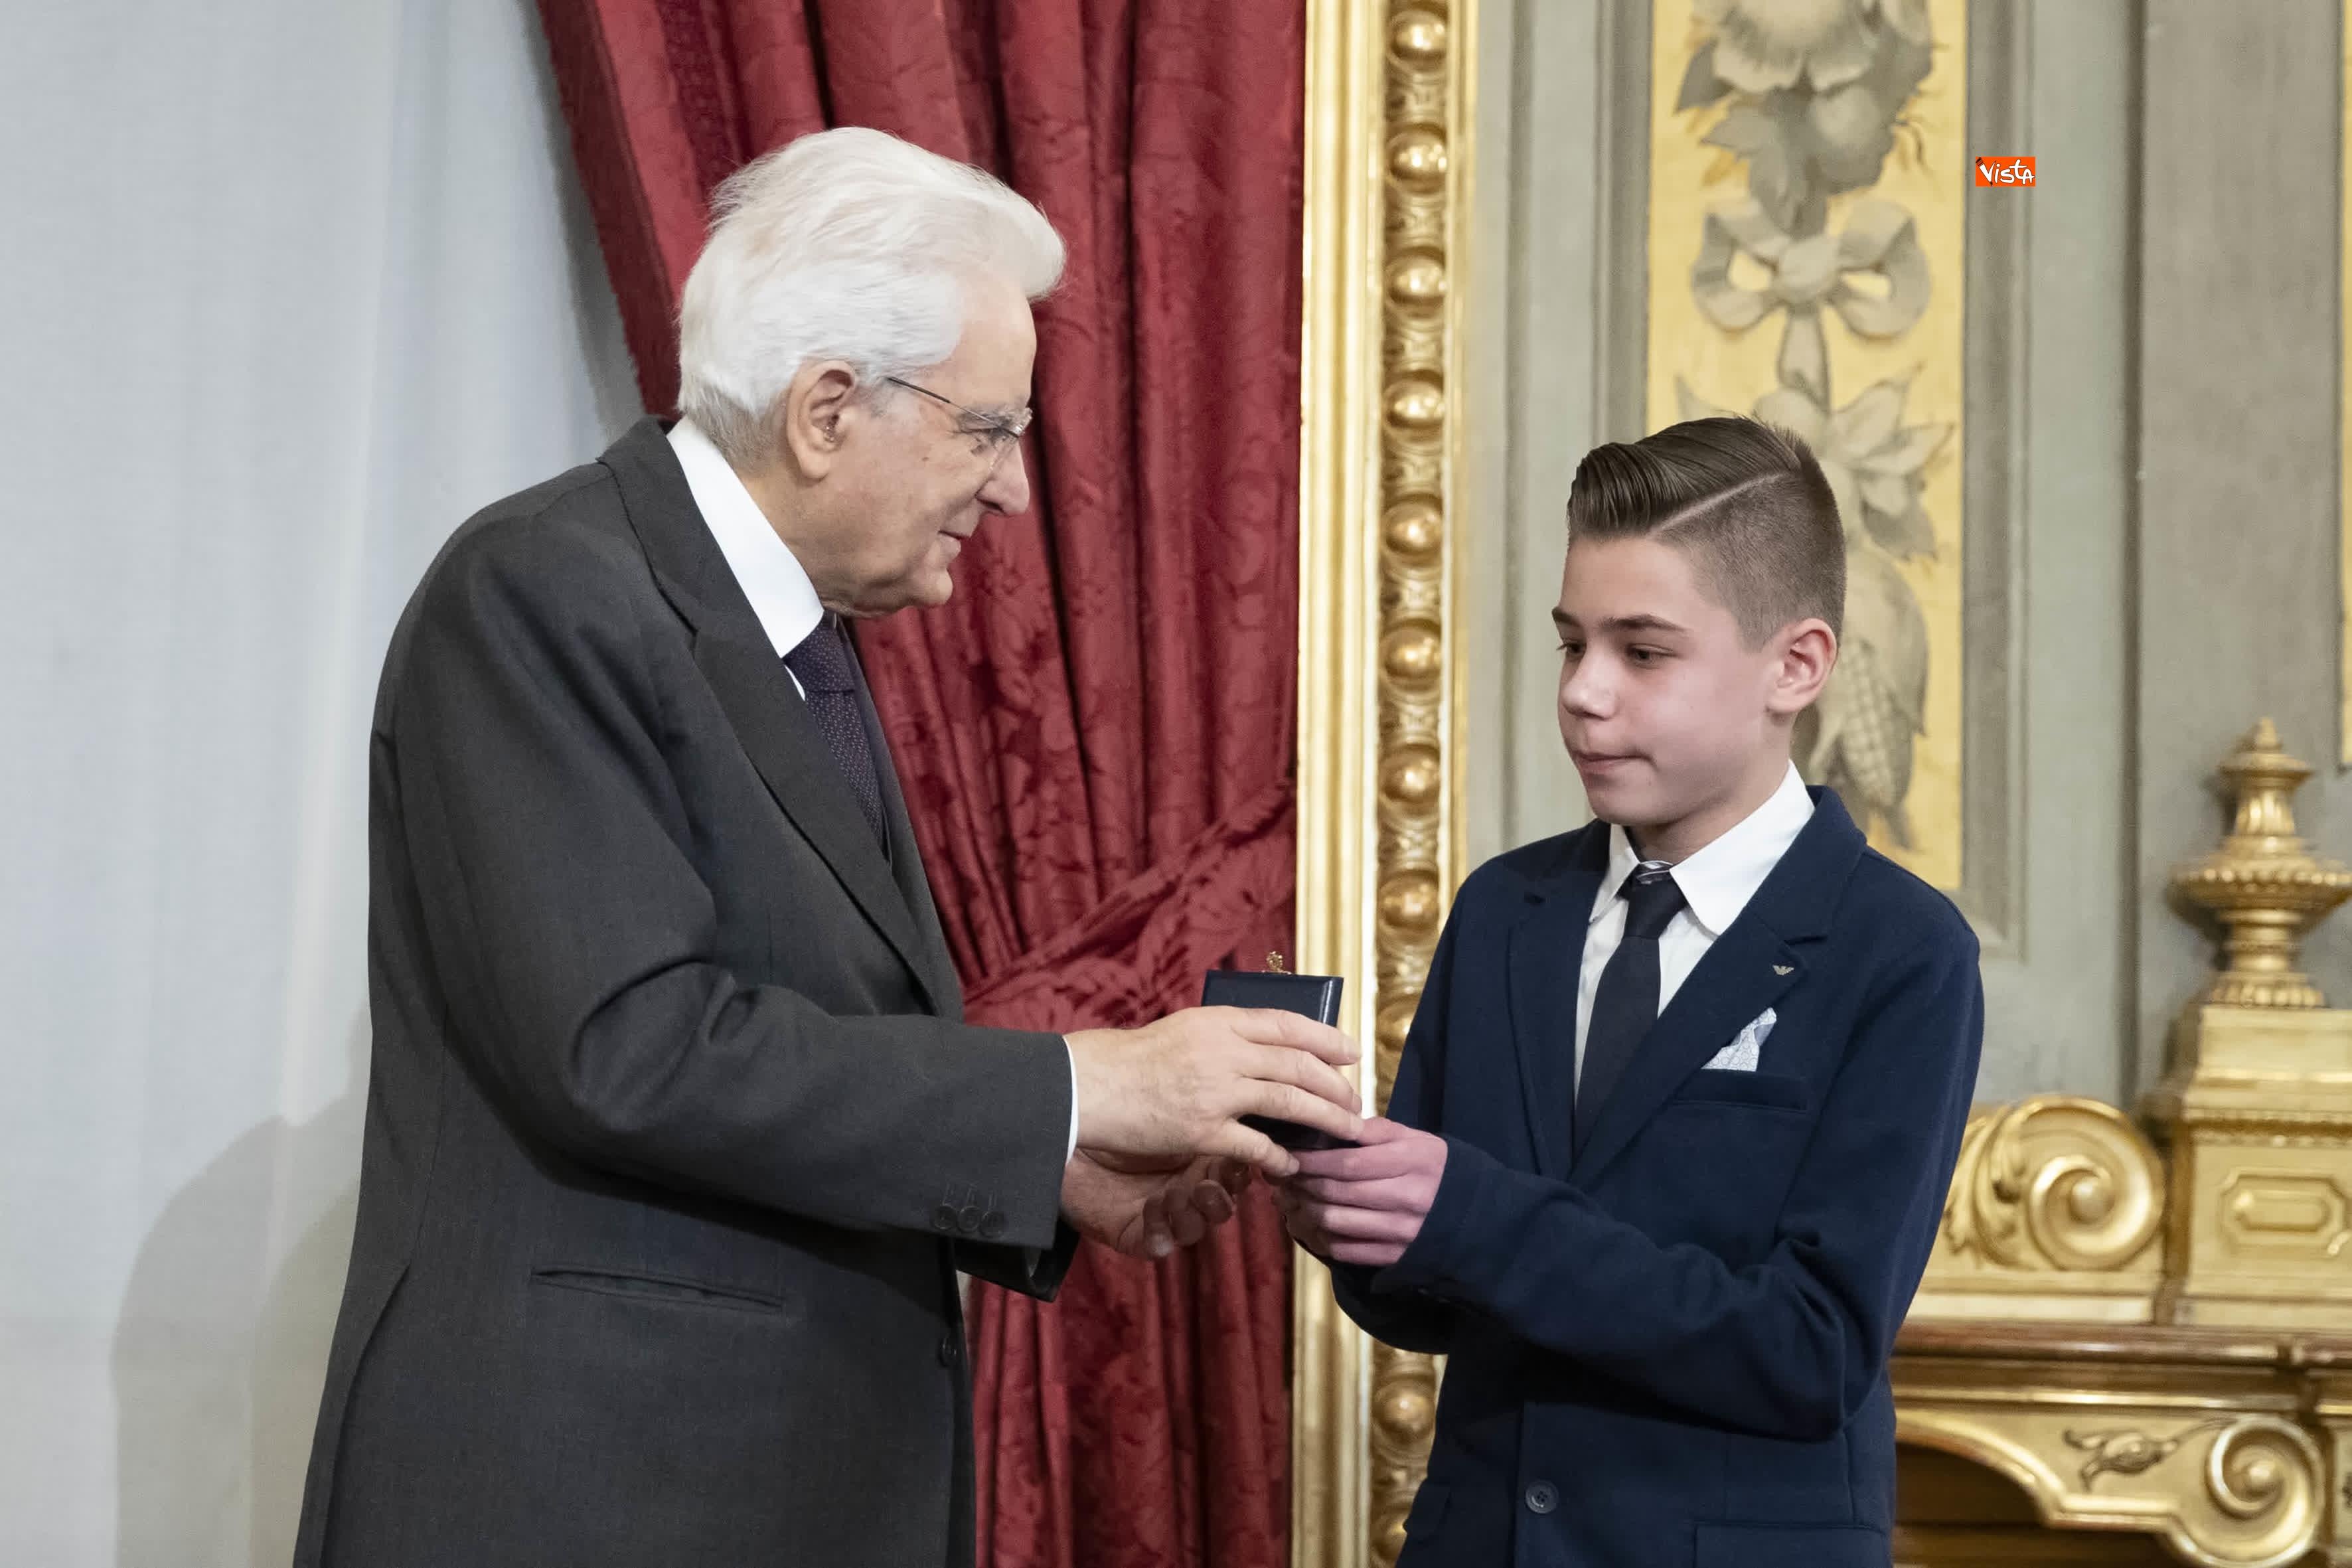 13-03-19 Mattarella consegna gli Attestati d Onore ai nuovi Alfieri della Repubblica, le immagini_18